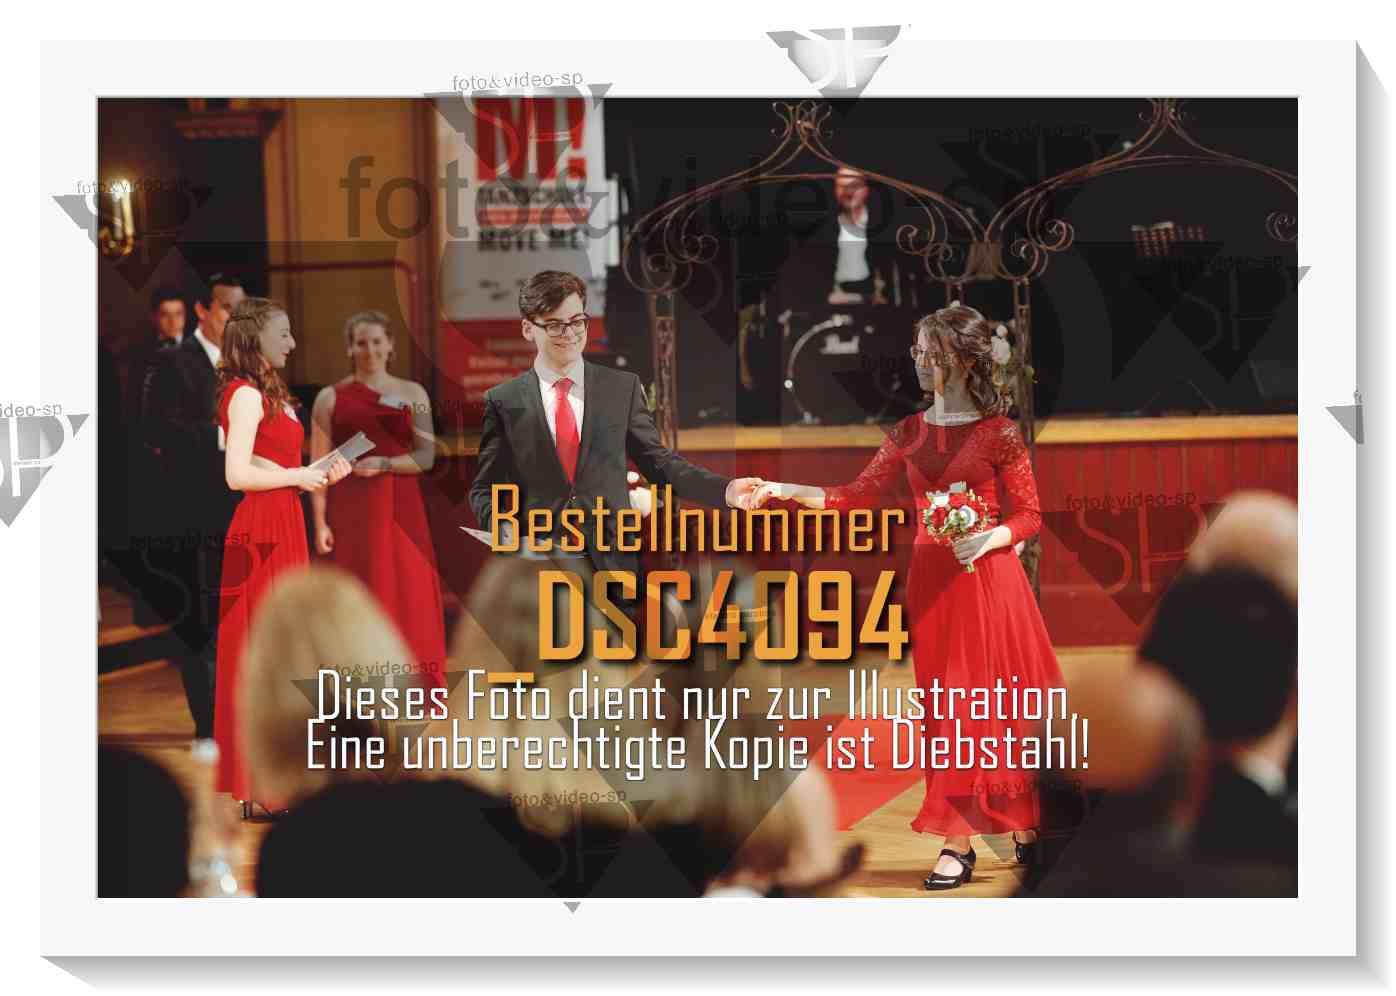 DSC4094